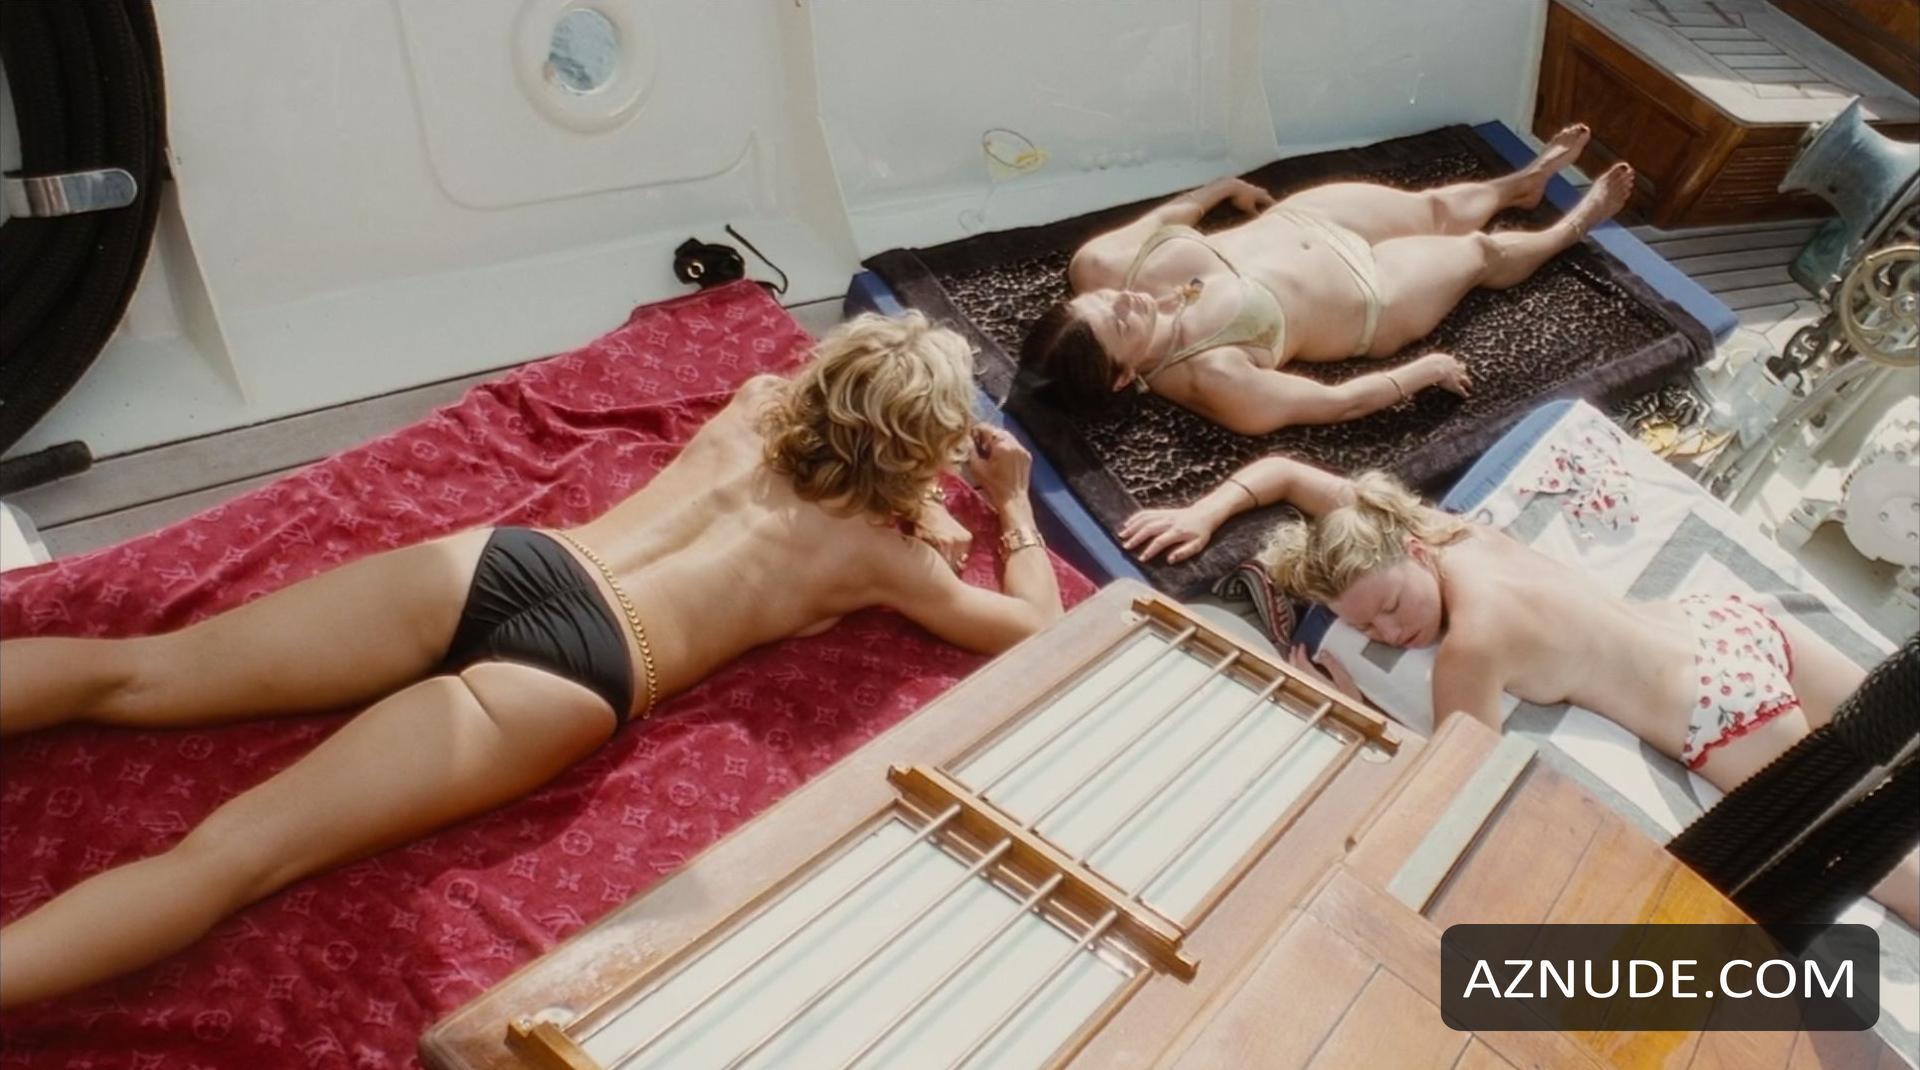 Sexy lesbian milf seducing woman pornhub